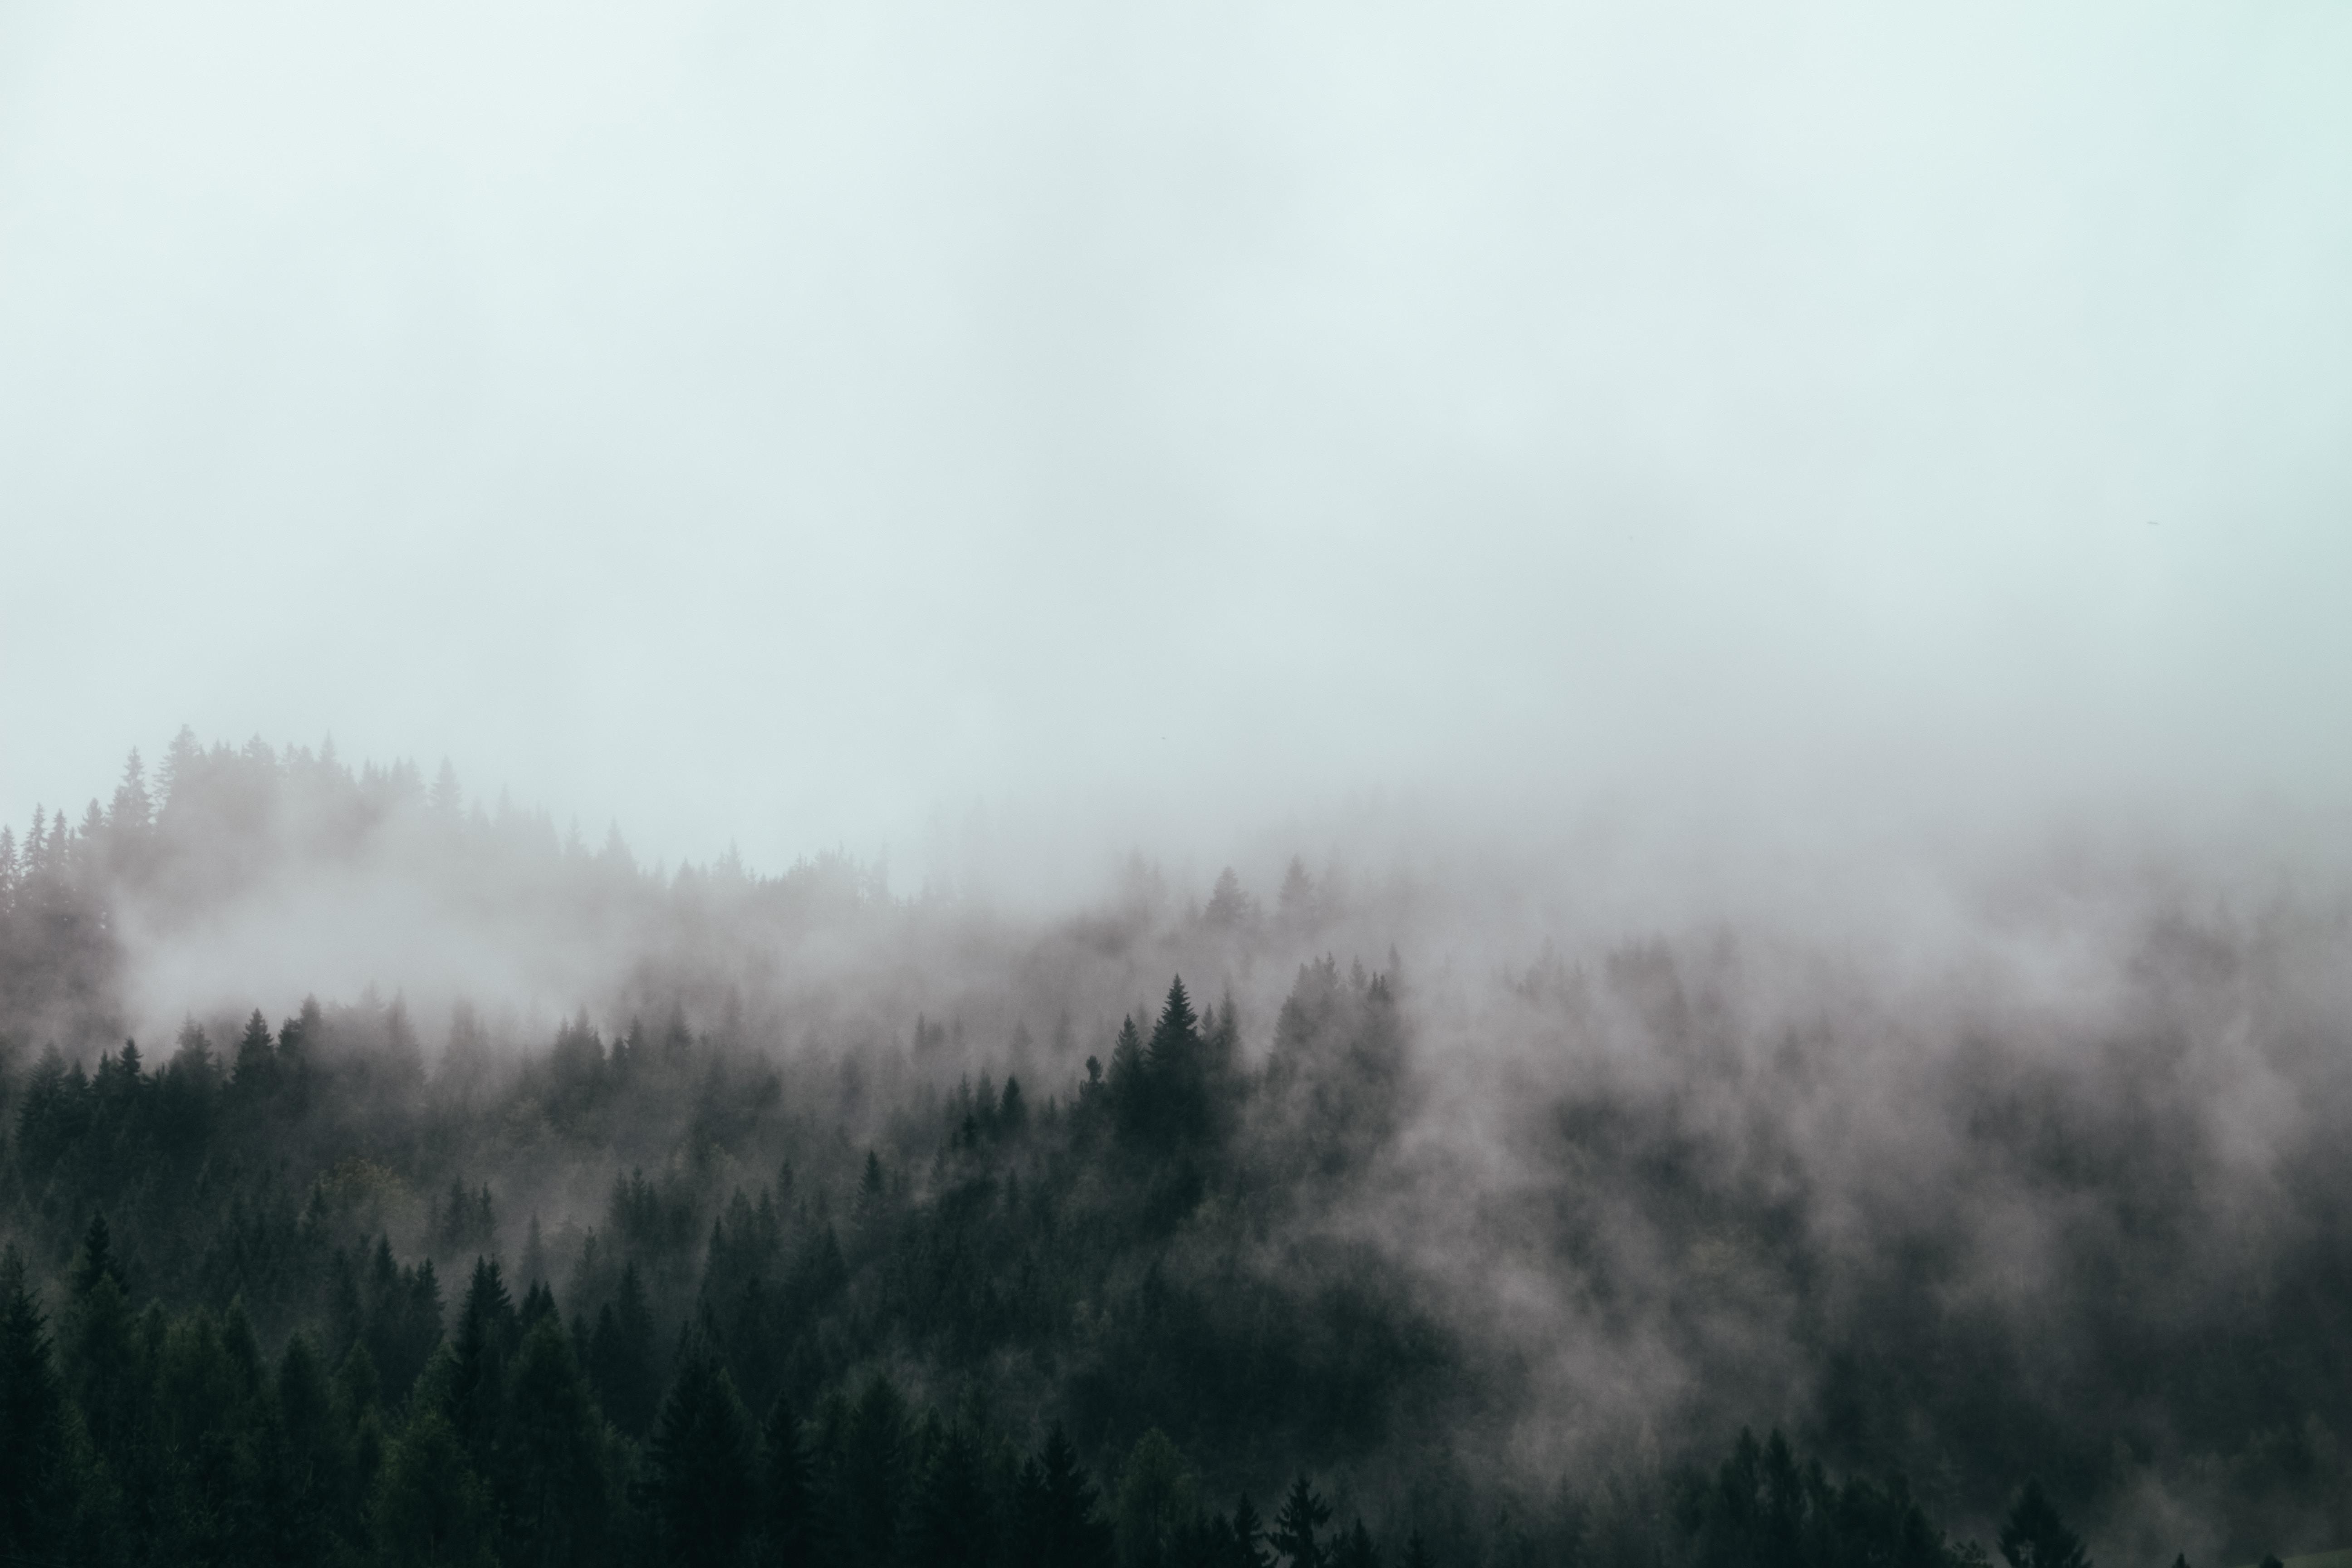 dense mist